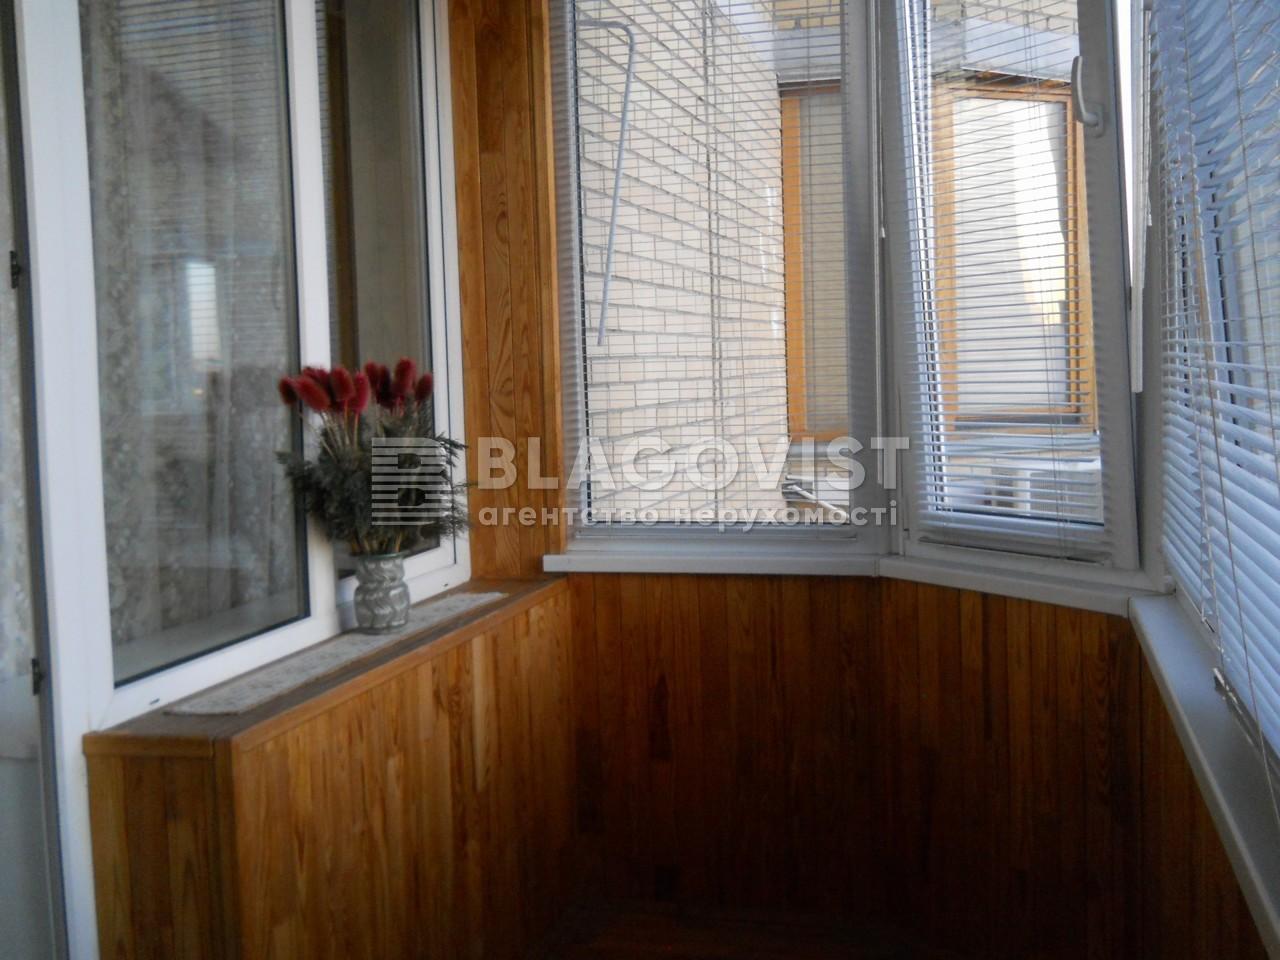 Квартира F-2513, Никольско-Слободская, 2б, Киев - Фото 12